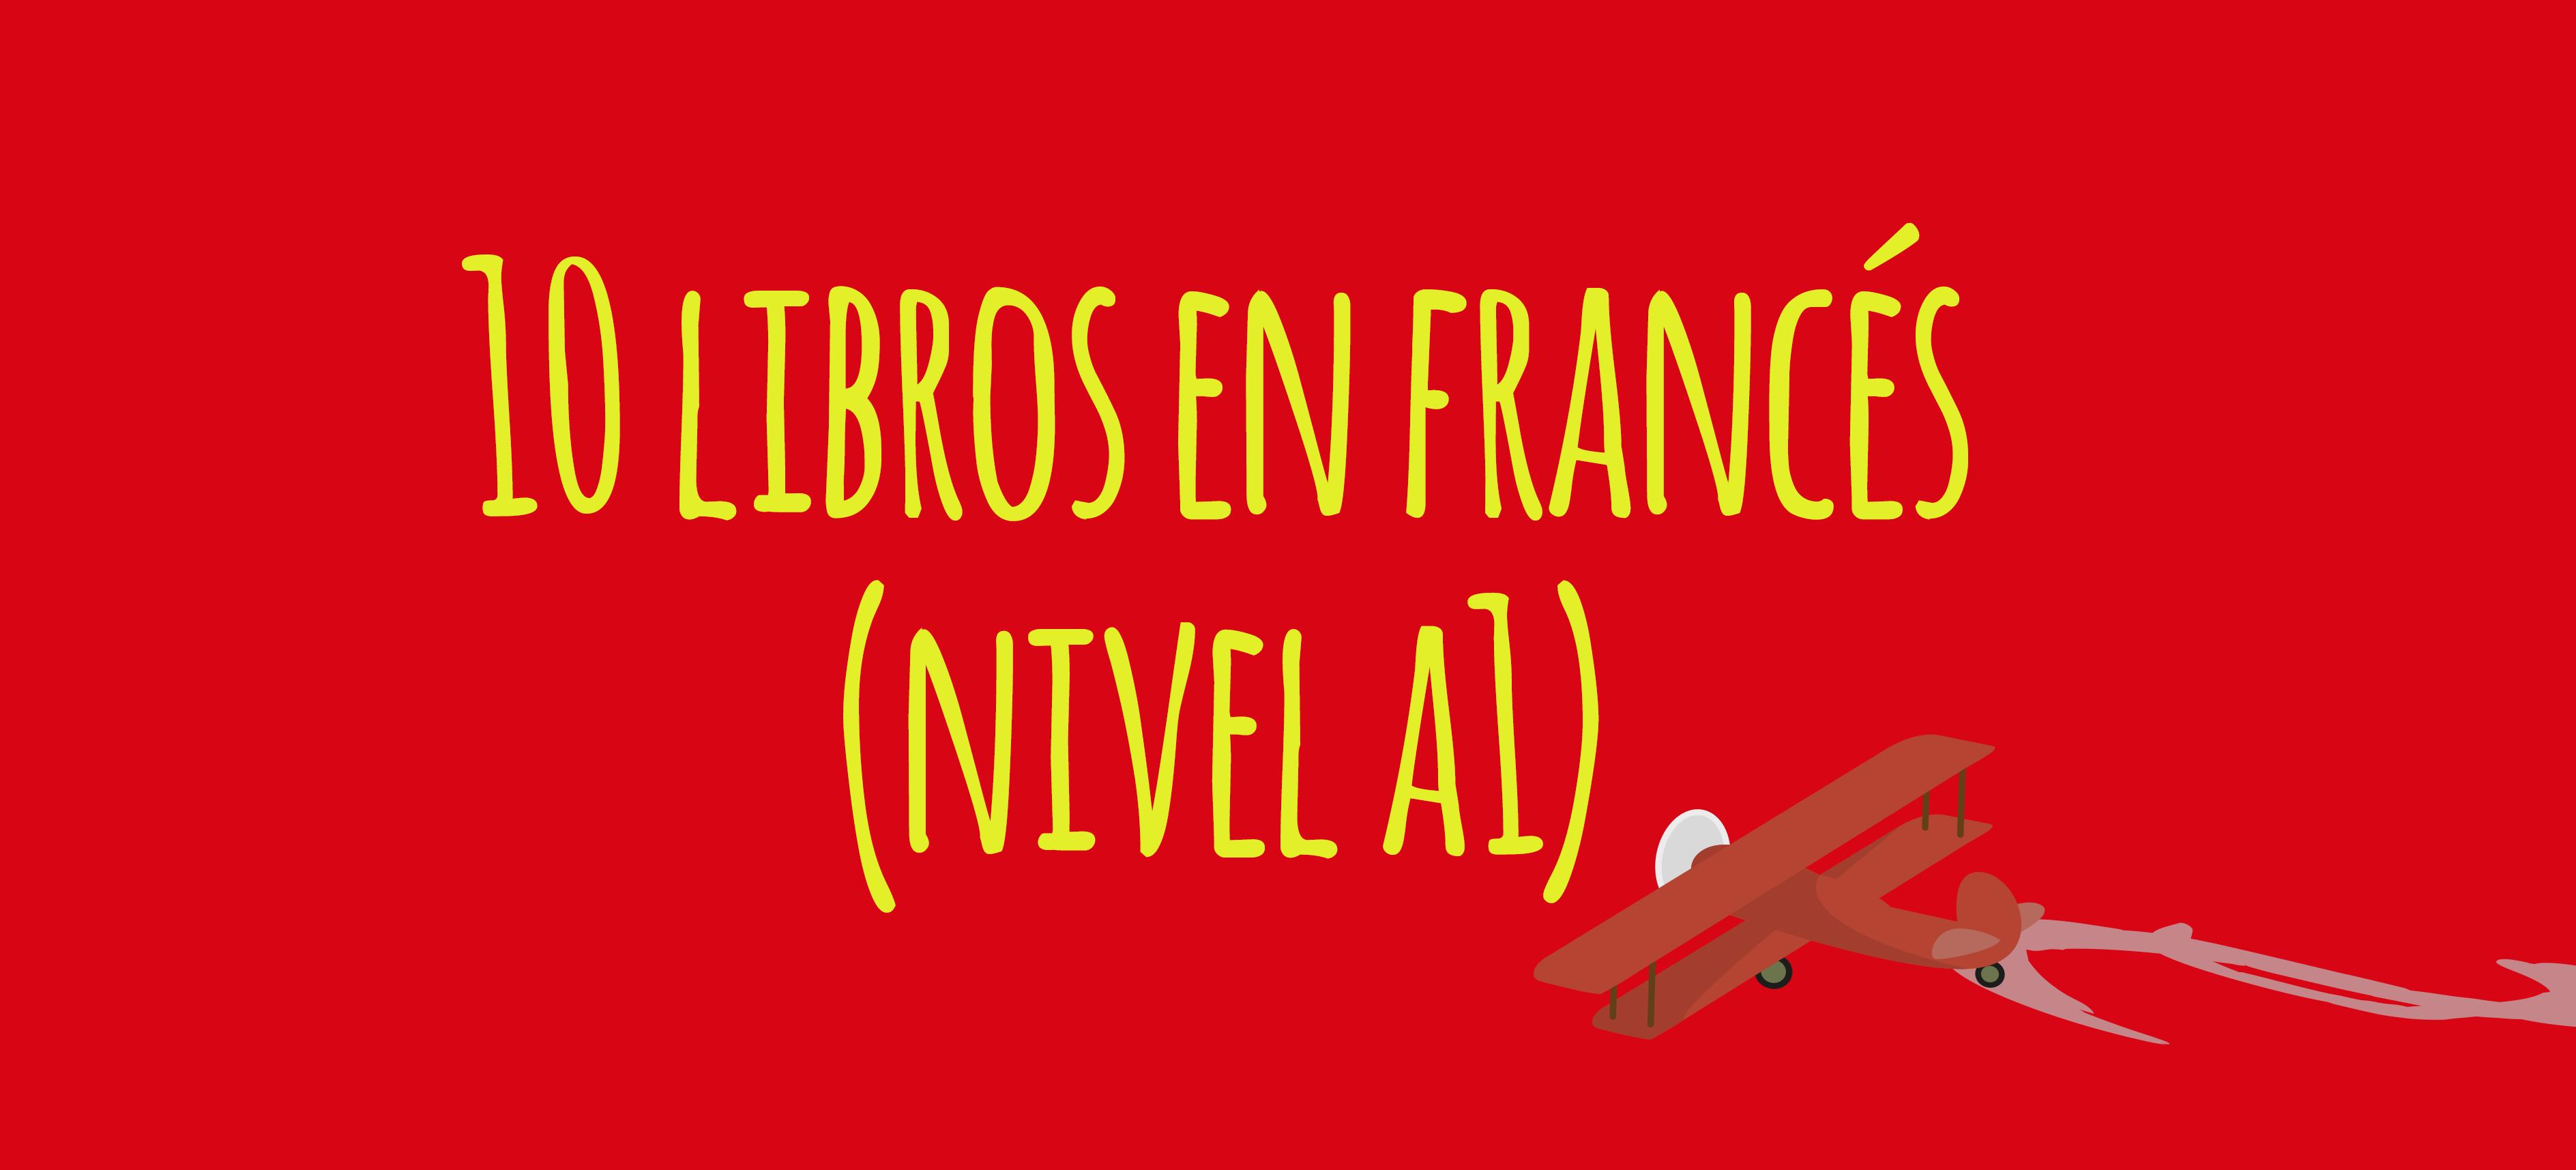 10 libros A1 francés